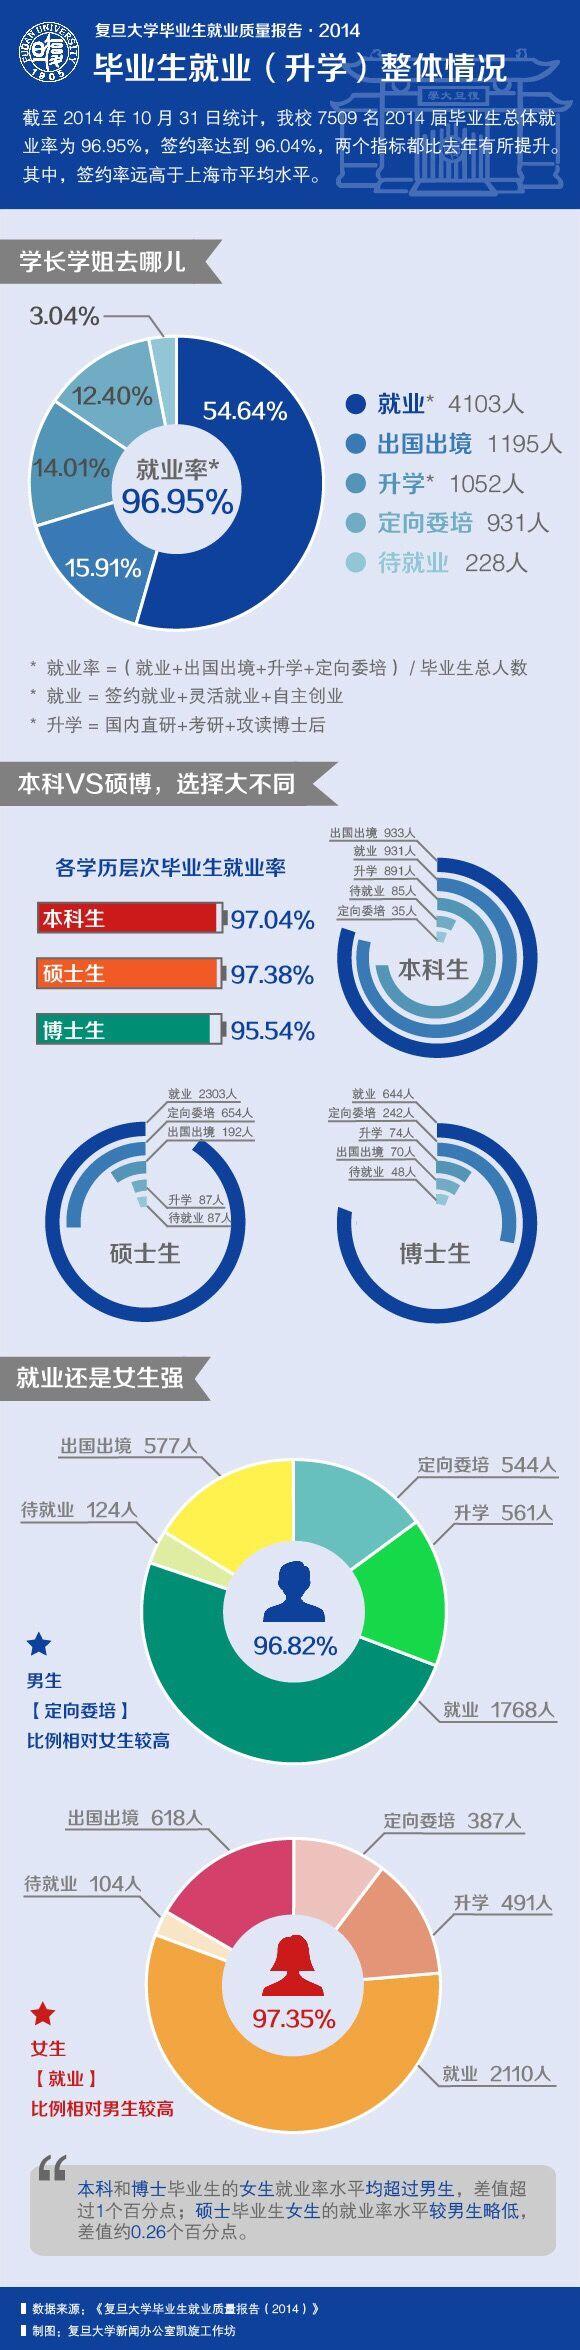 复旦2014届毕业生女生就业率高于男生